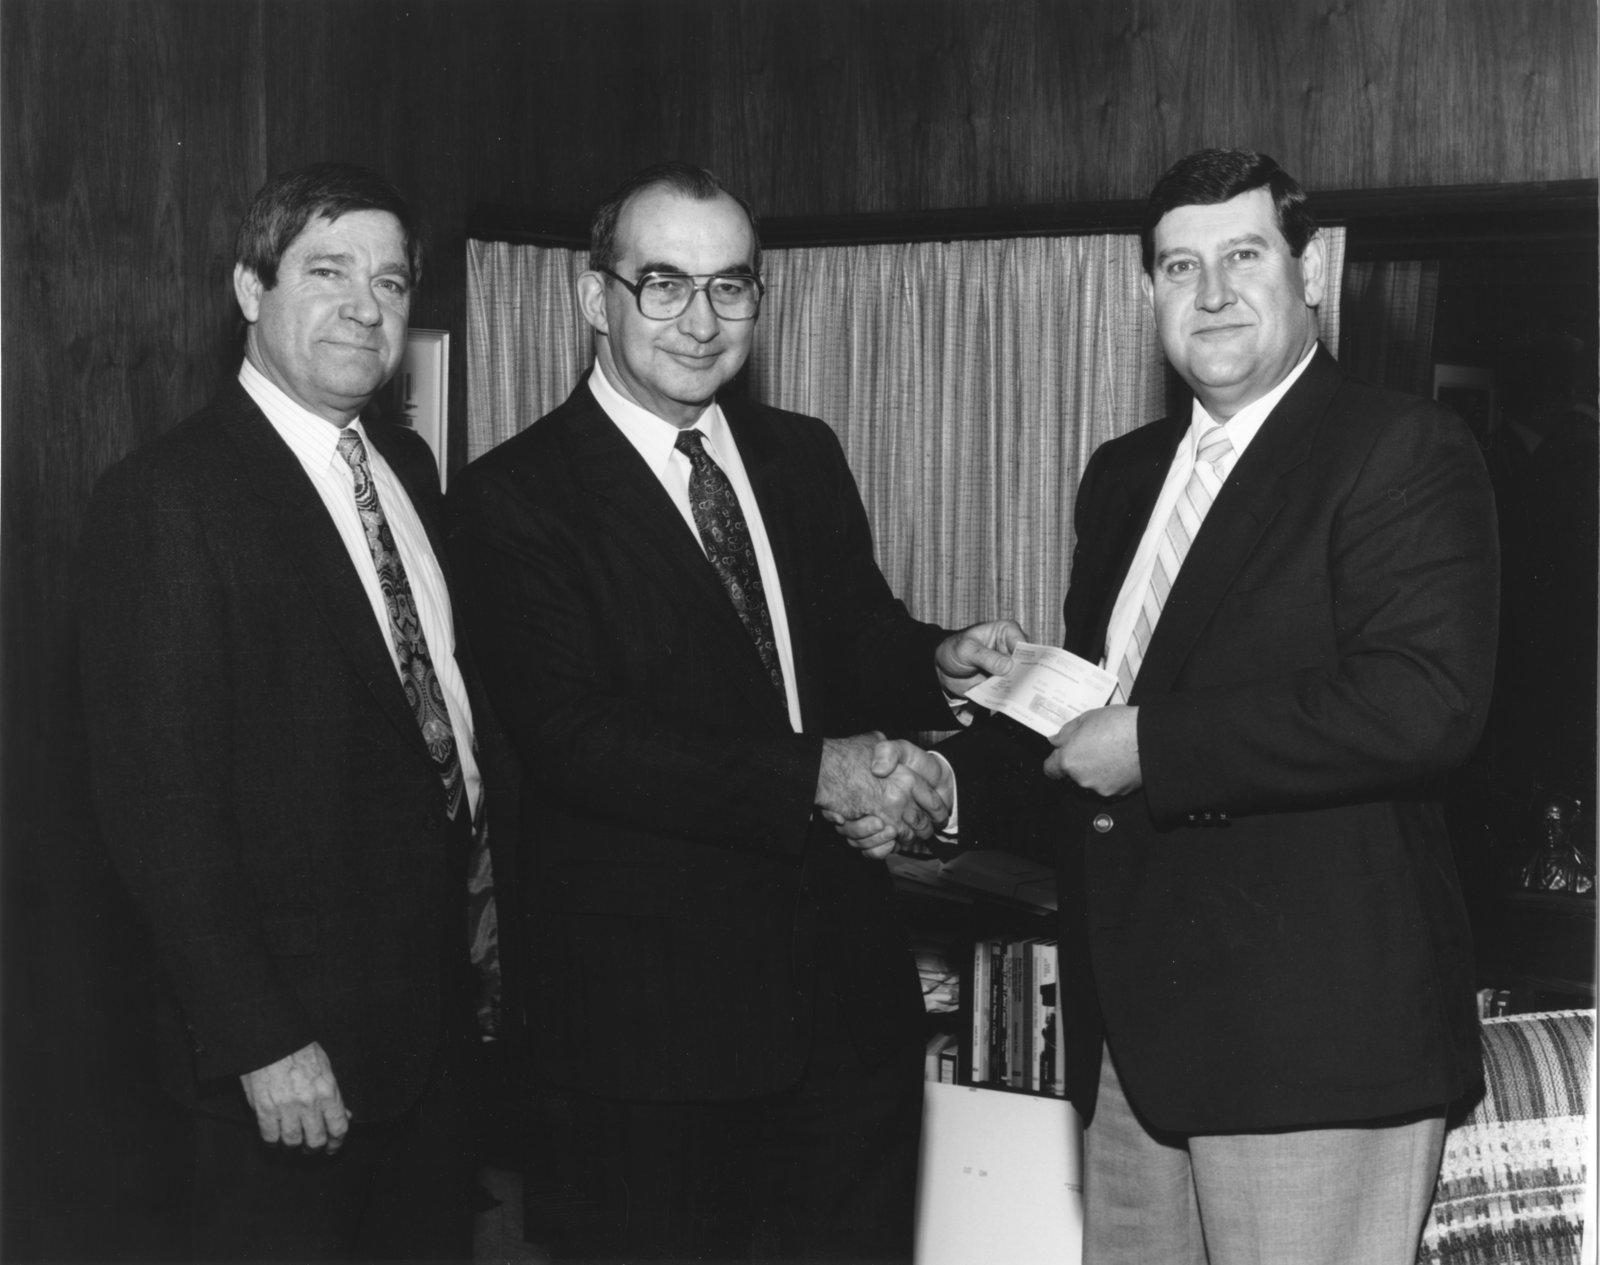 John Weir and Rich Newbrough accepting a donation from Nestlé Enterprises